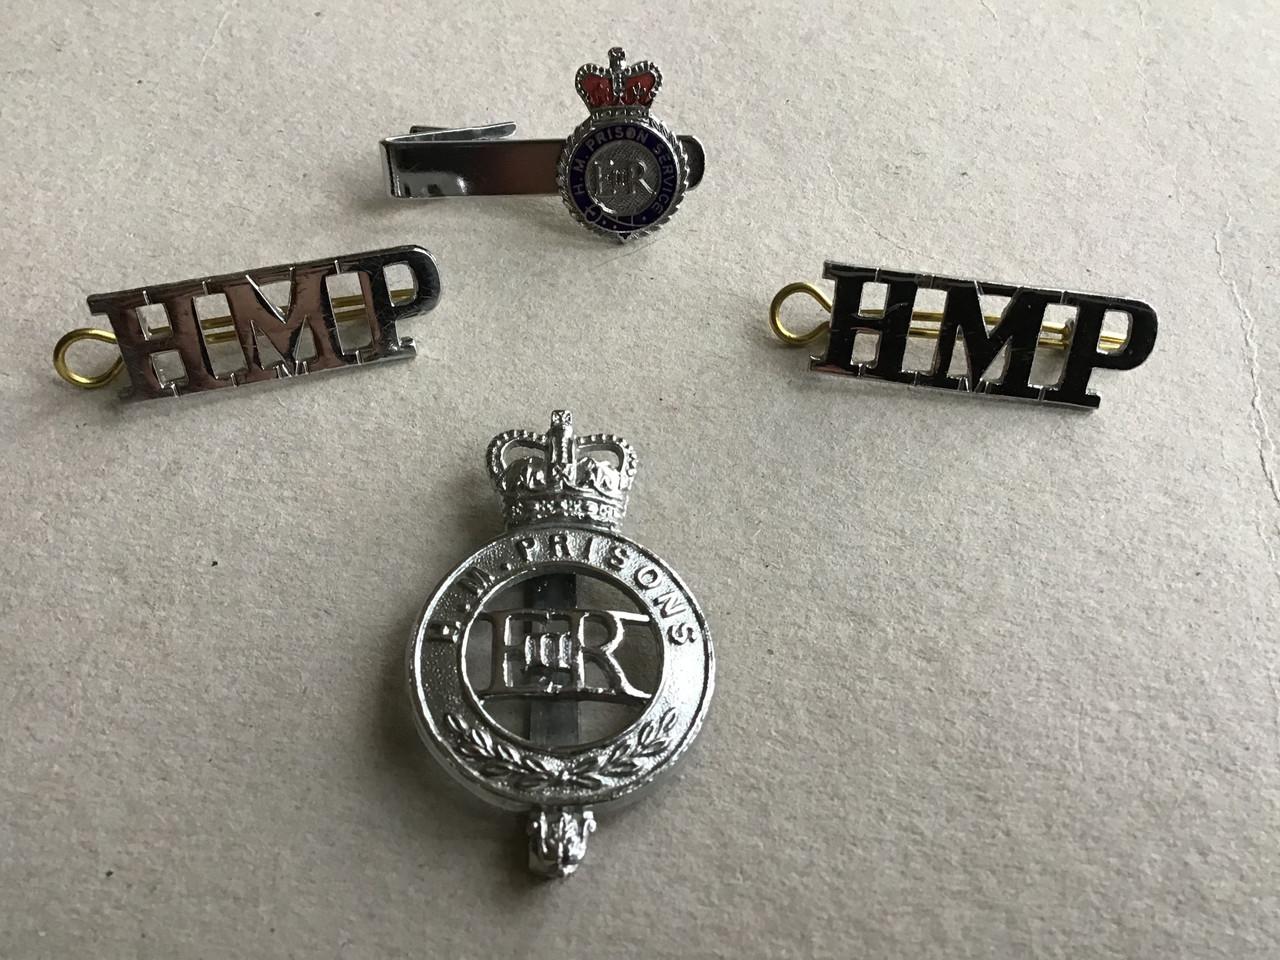 GD 649 HM PRISONS CAP BADGE & HMP TITLES PLUS TIE CLIP.